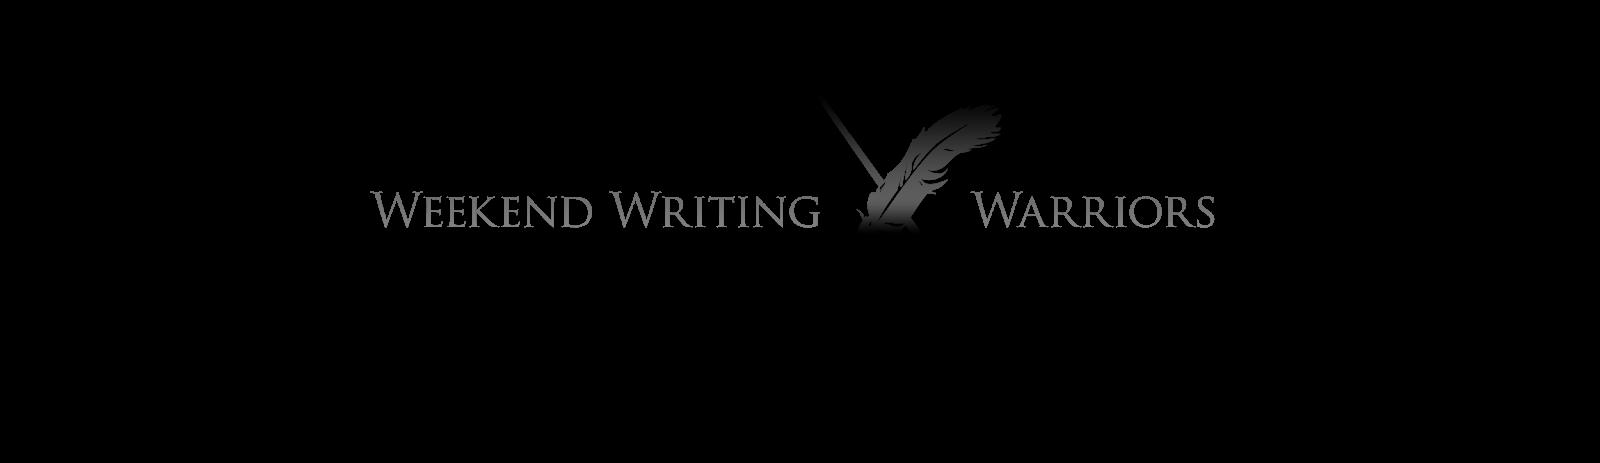 www.wewriwa.com